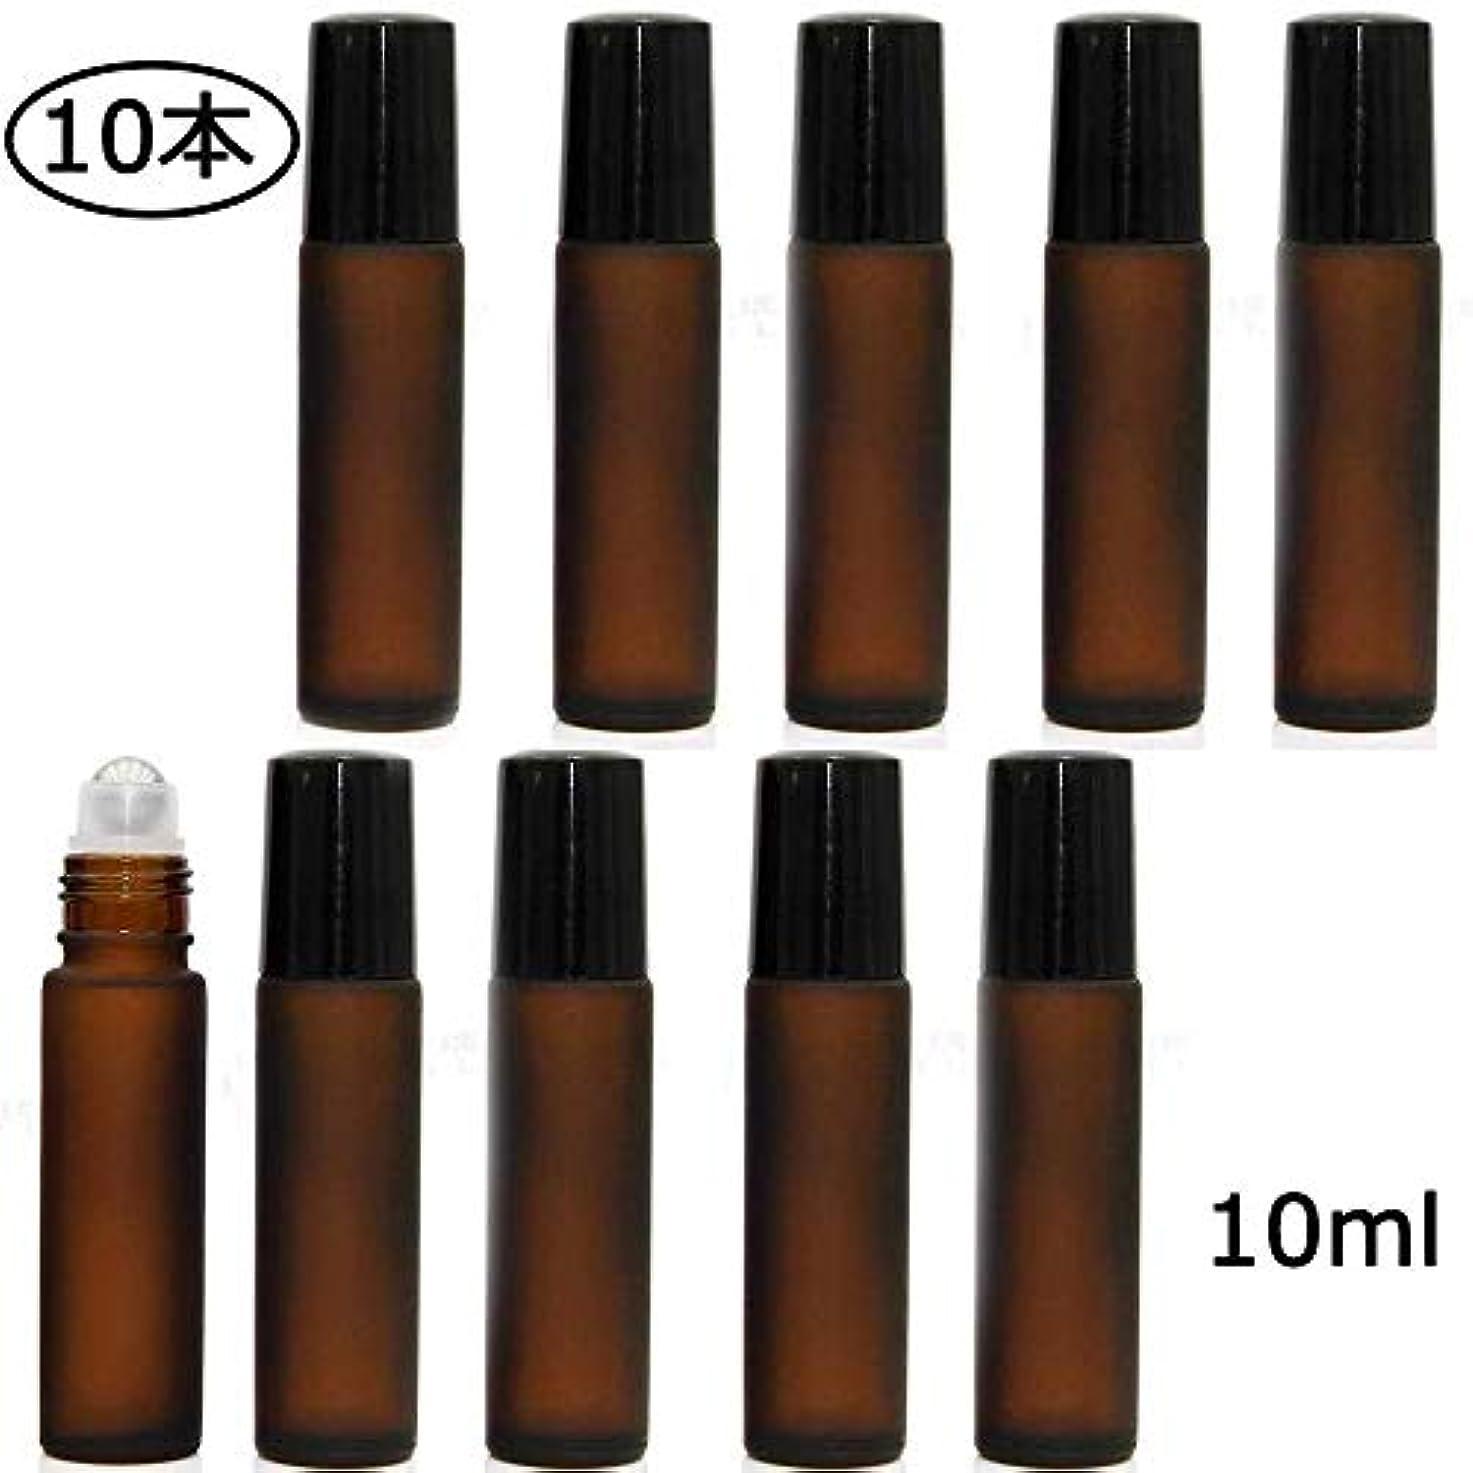 承認する文化ランダムSimg ロールオンボトル アロマオイル 精油 小分け用 遮光瓶 10ml 10本セット ガラスロールタイプ (茶色)